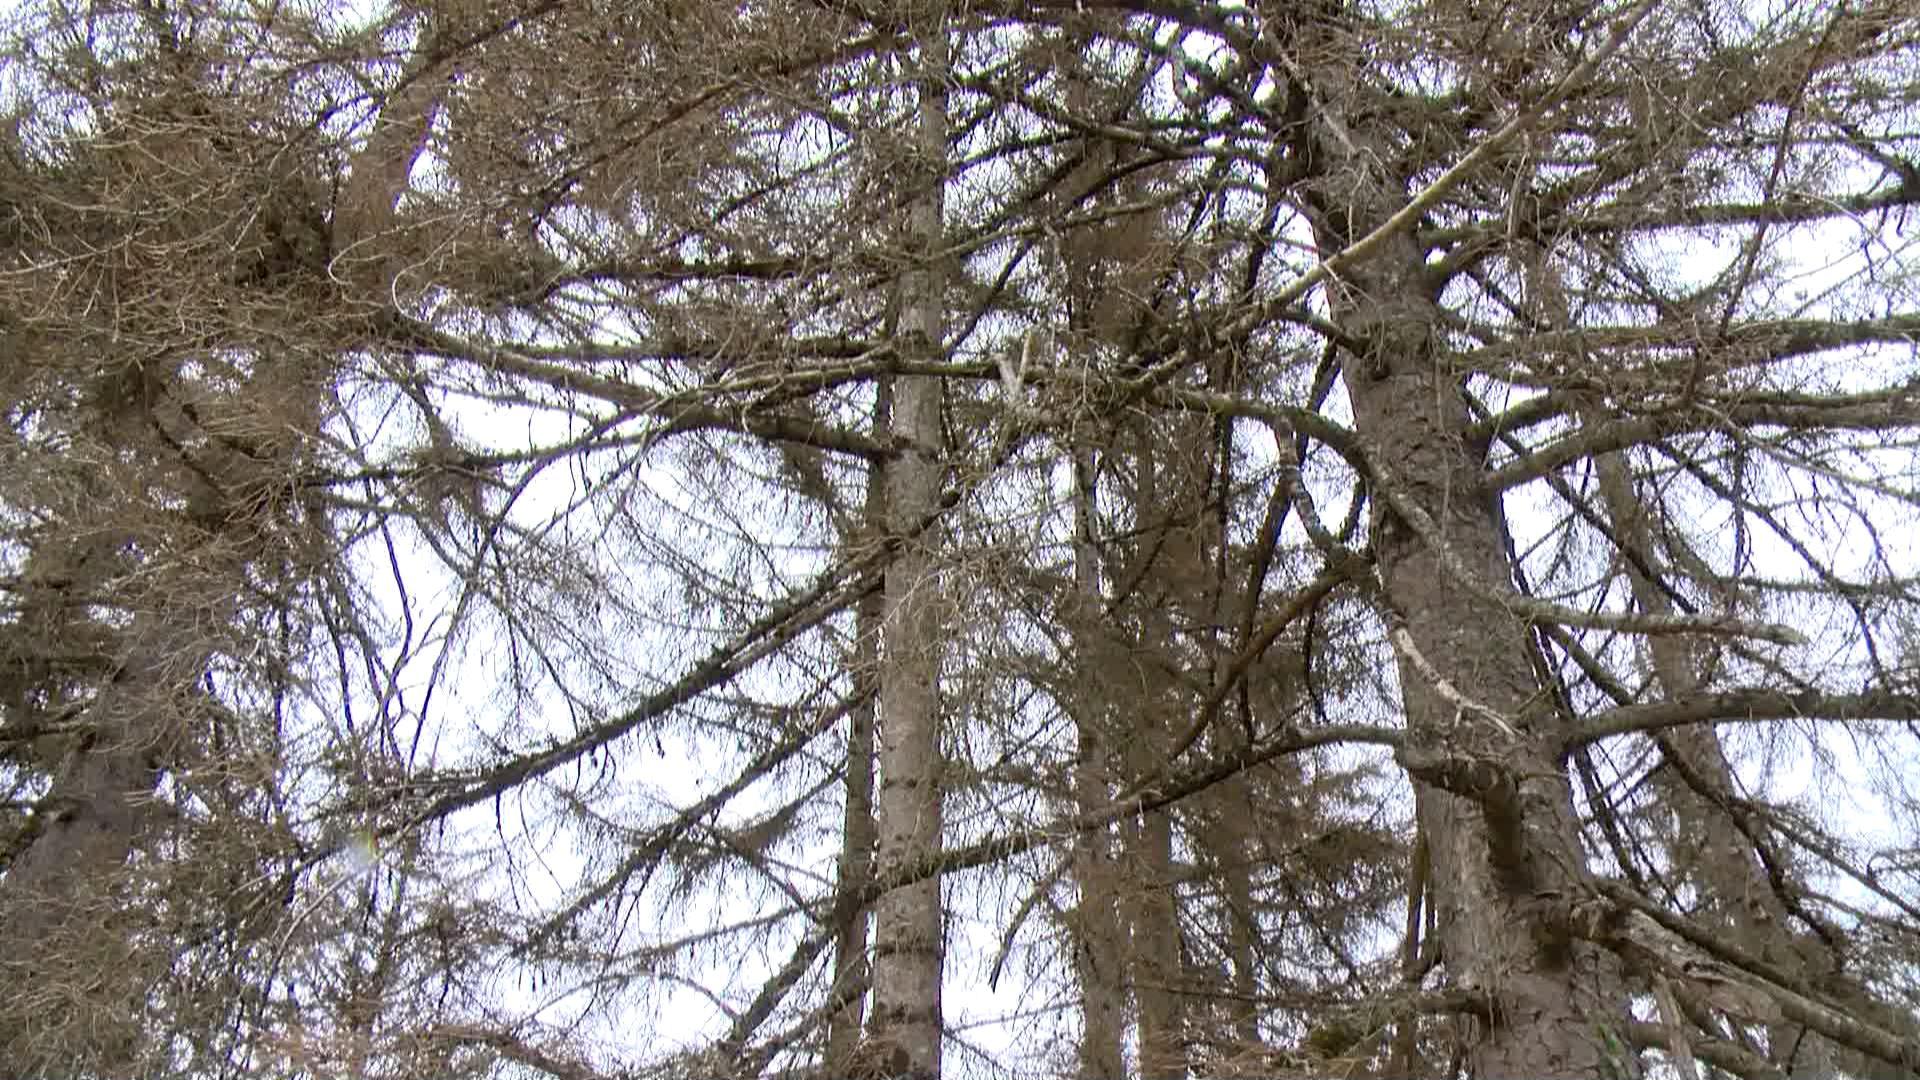 ლაფანჭამია - შუახევში ხეების ხმობის მიზეზი